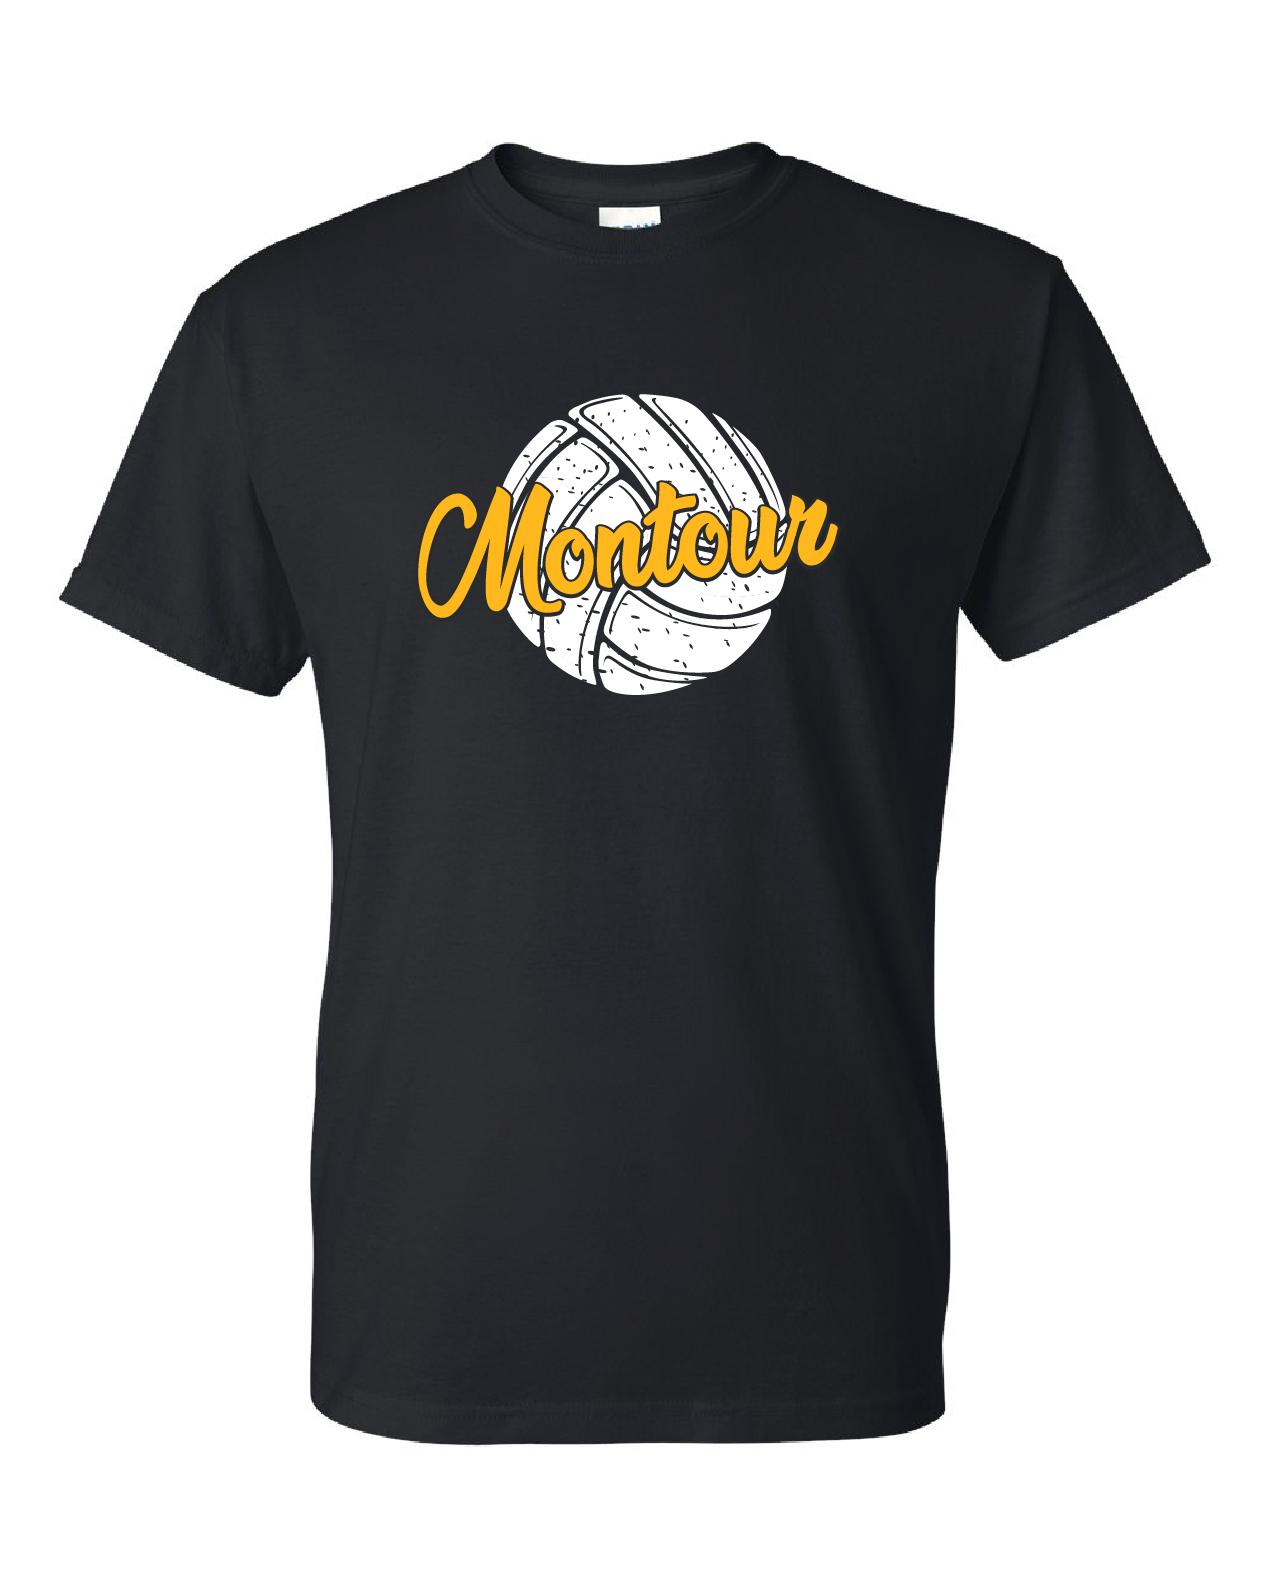 Gildan – DryBlend 50/50 T-Shirt DESIGN A